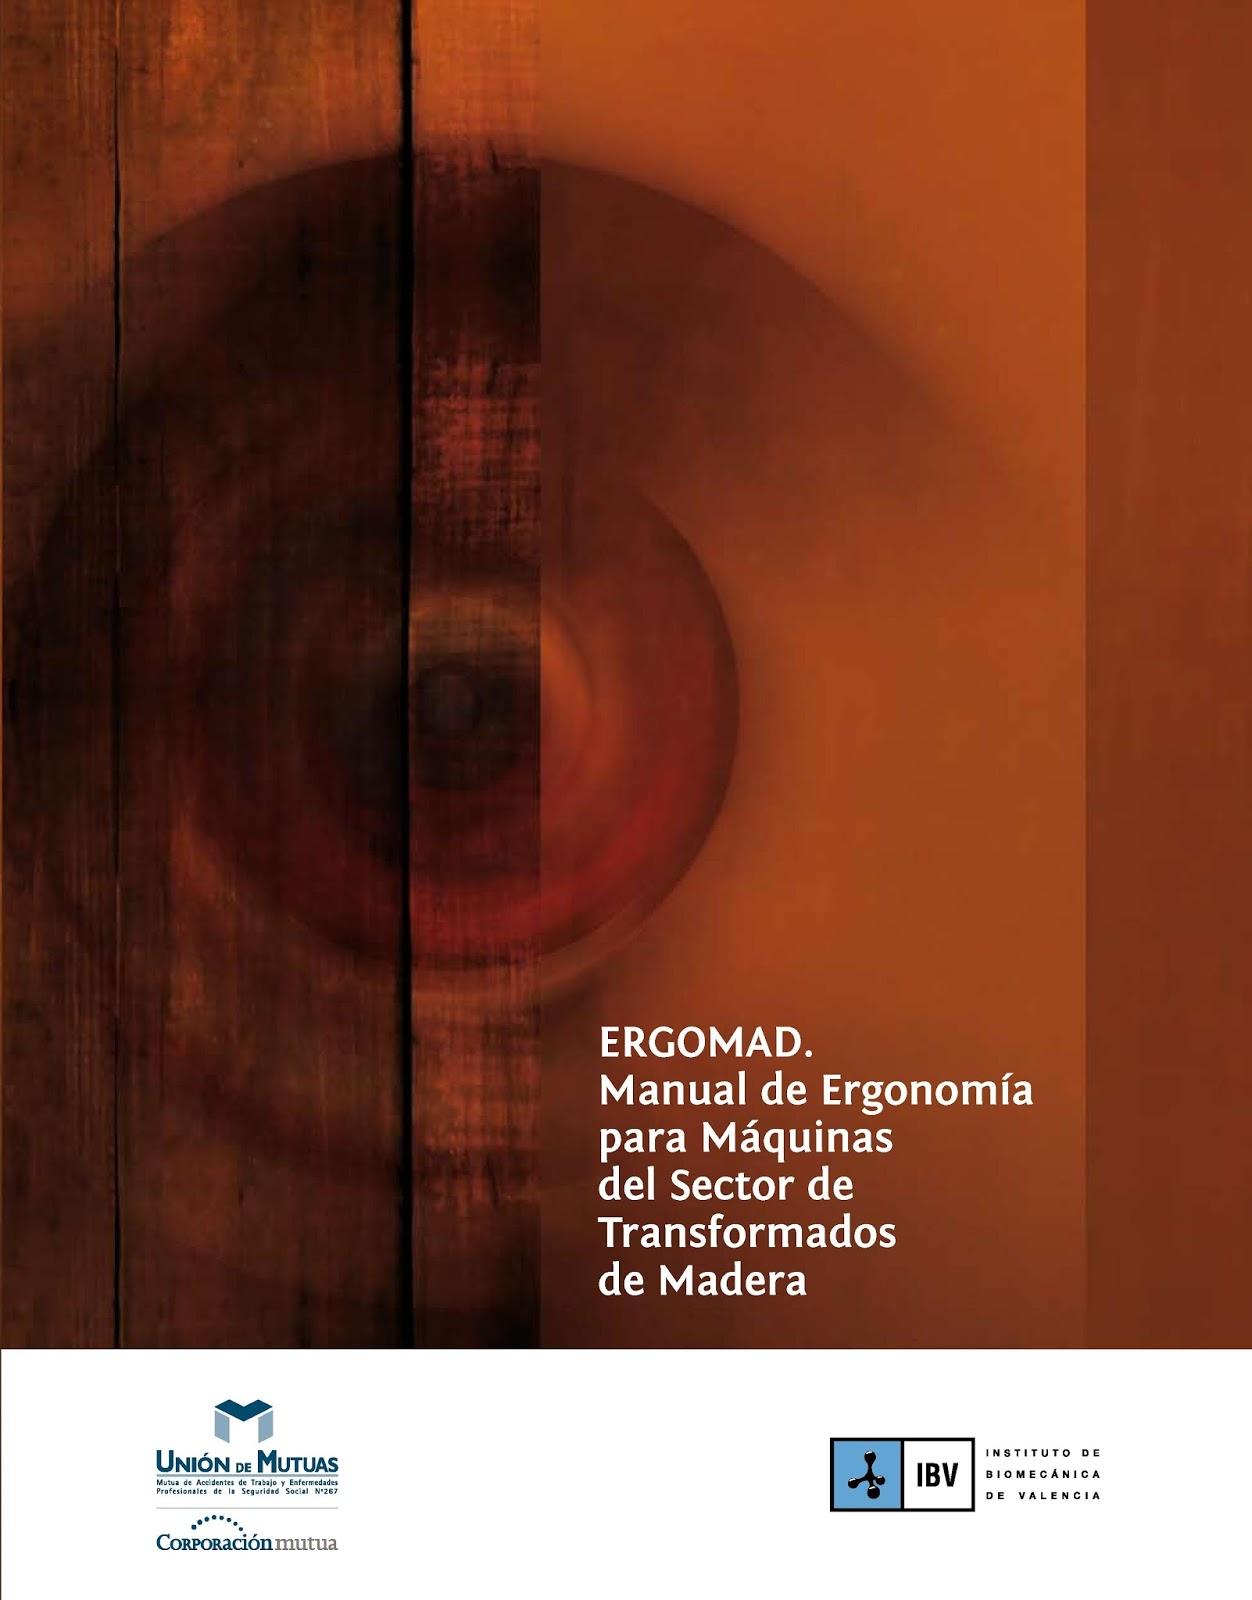 ERGOMAD. Manual de ergonomía para máquinas del sector de transformados de madera